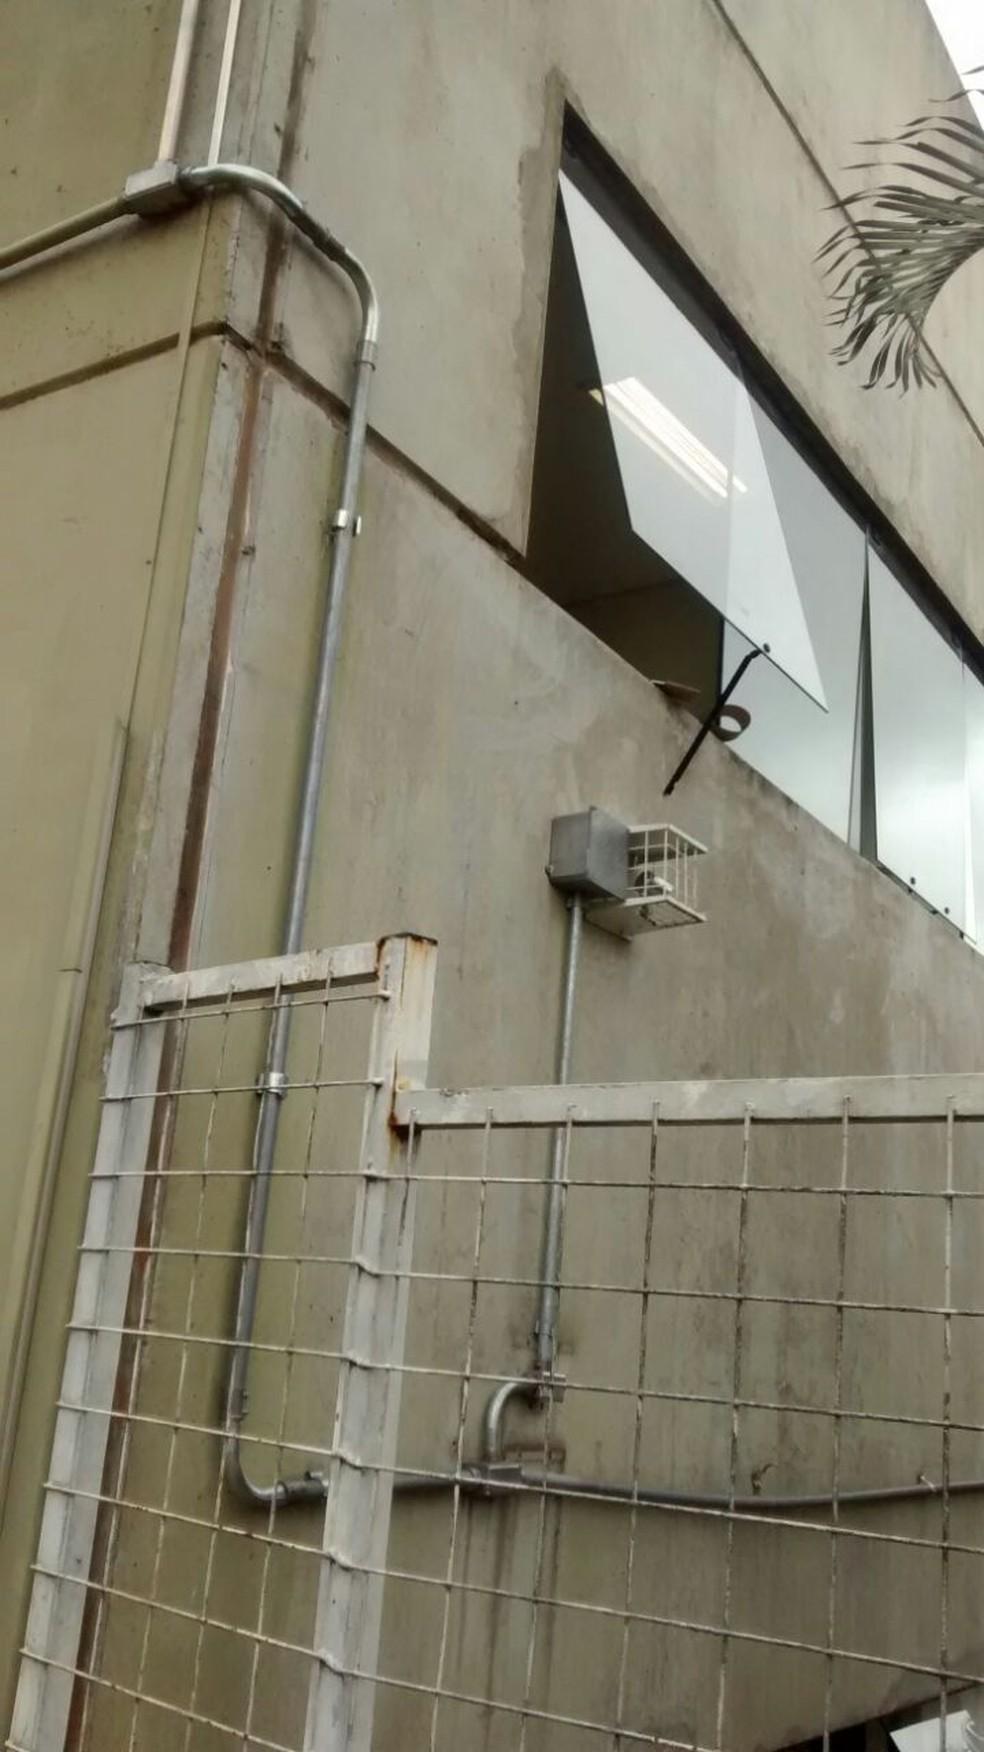 Invasores entraram na unidade pela janela da cozinha, segundo a GCM (Foto: Guarda Civil Municipal/Divulgação)